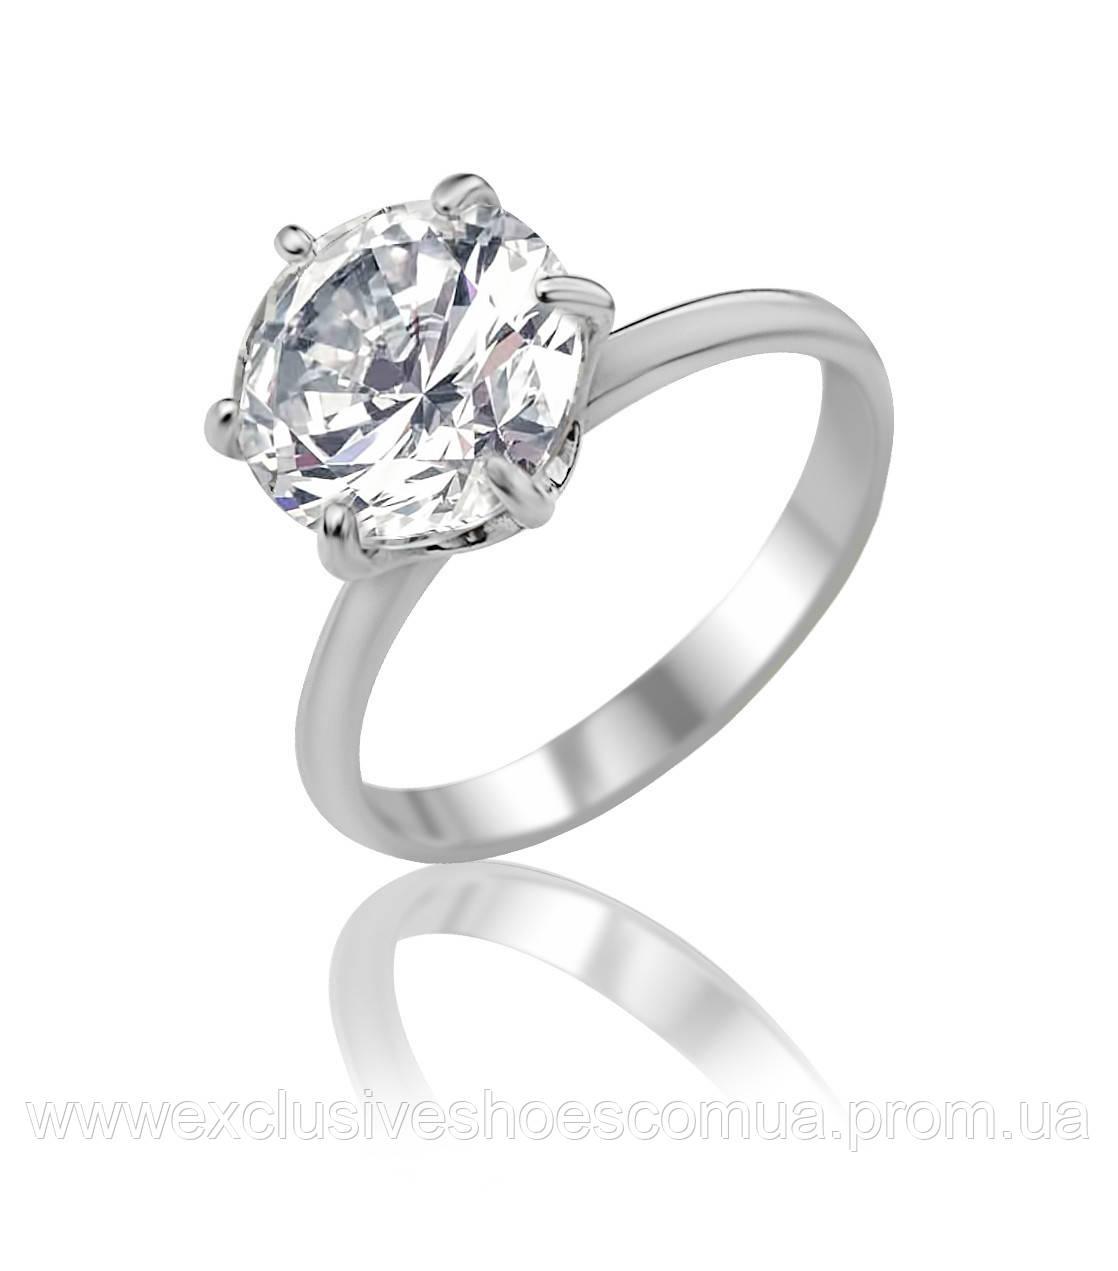 """Серебряное кольцо """"Зарина"""" с крупным фианитом, арт - 91040б."""